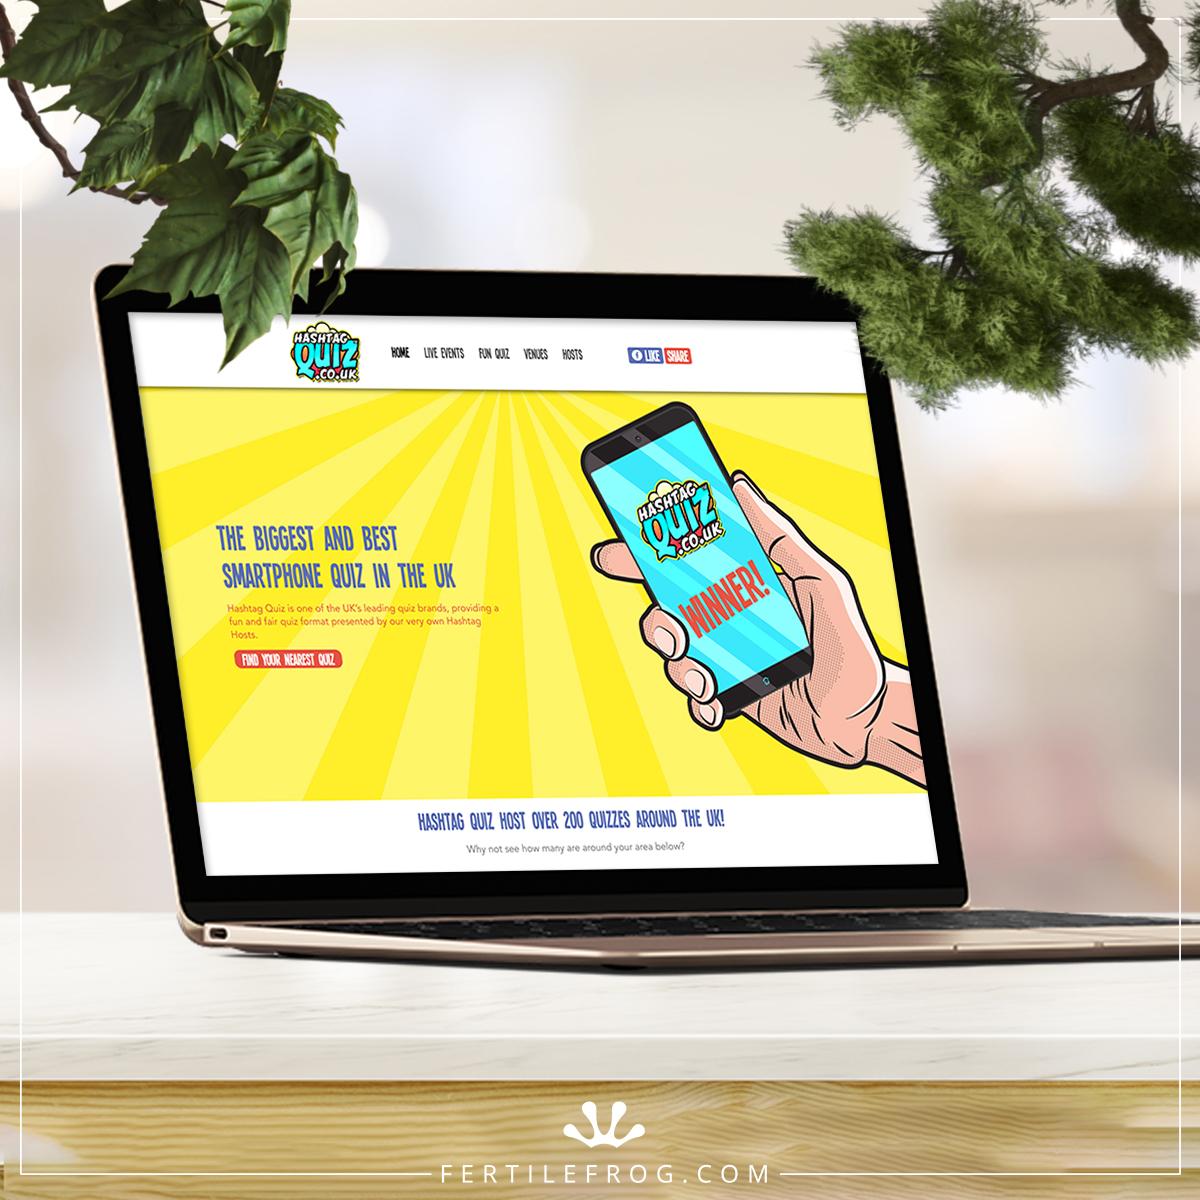 Smartphone Quiz website build on laptop